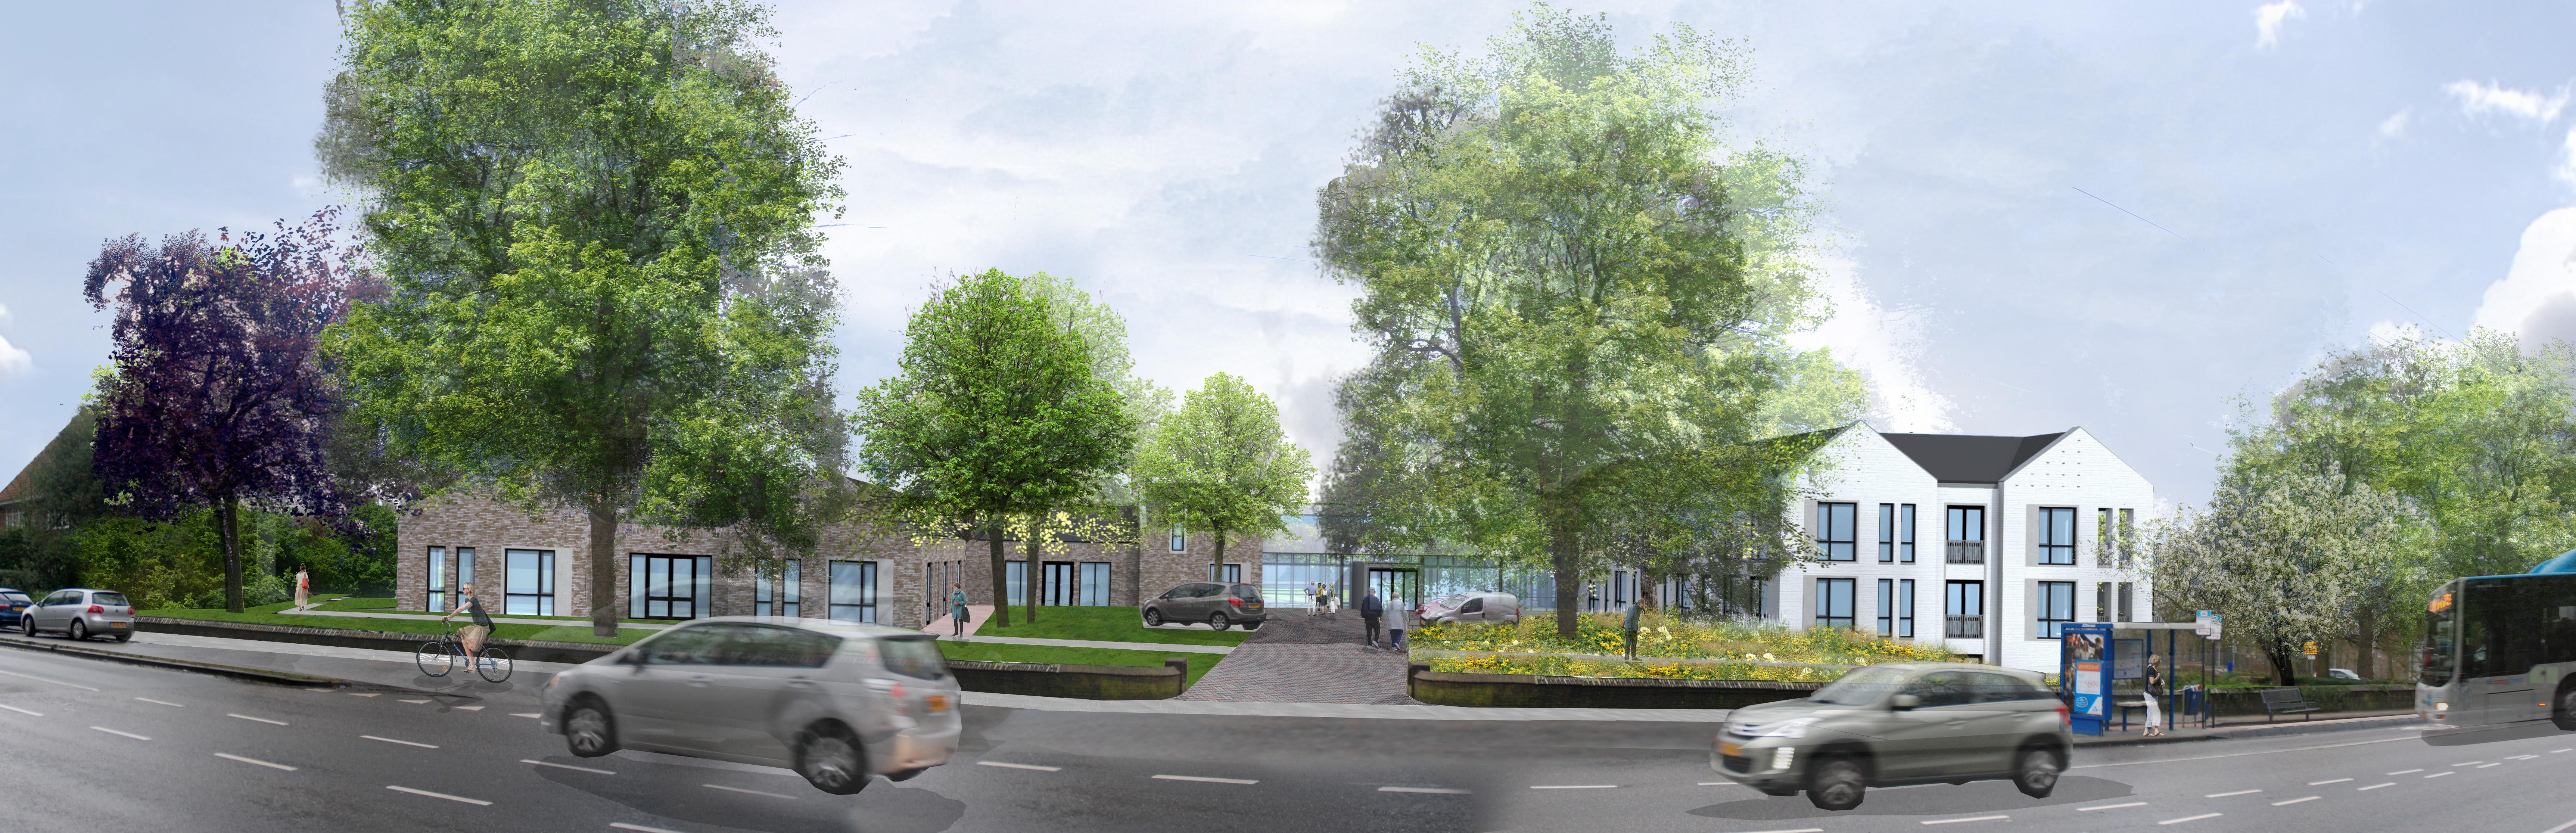 Huis & Haard Arnhem